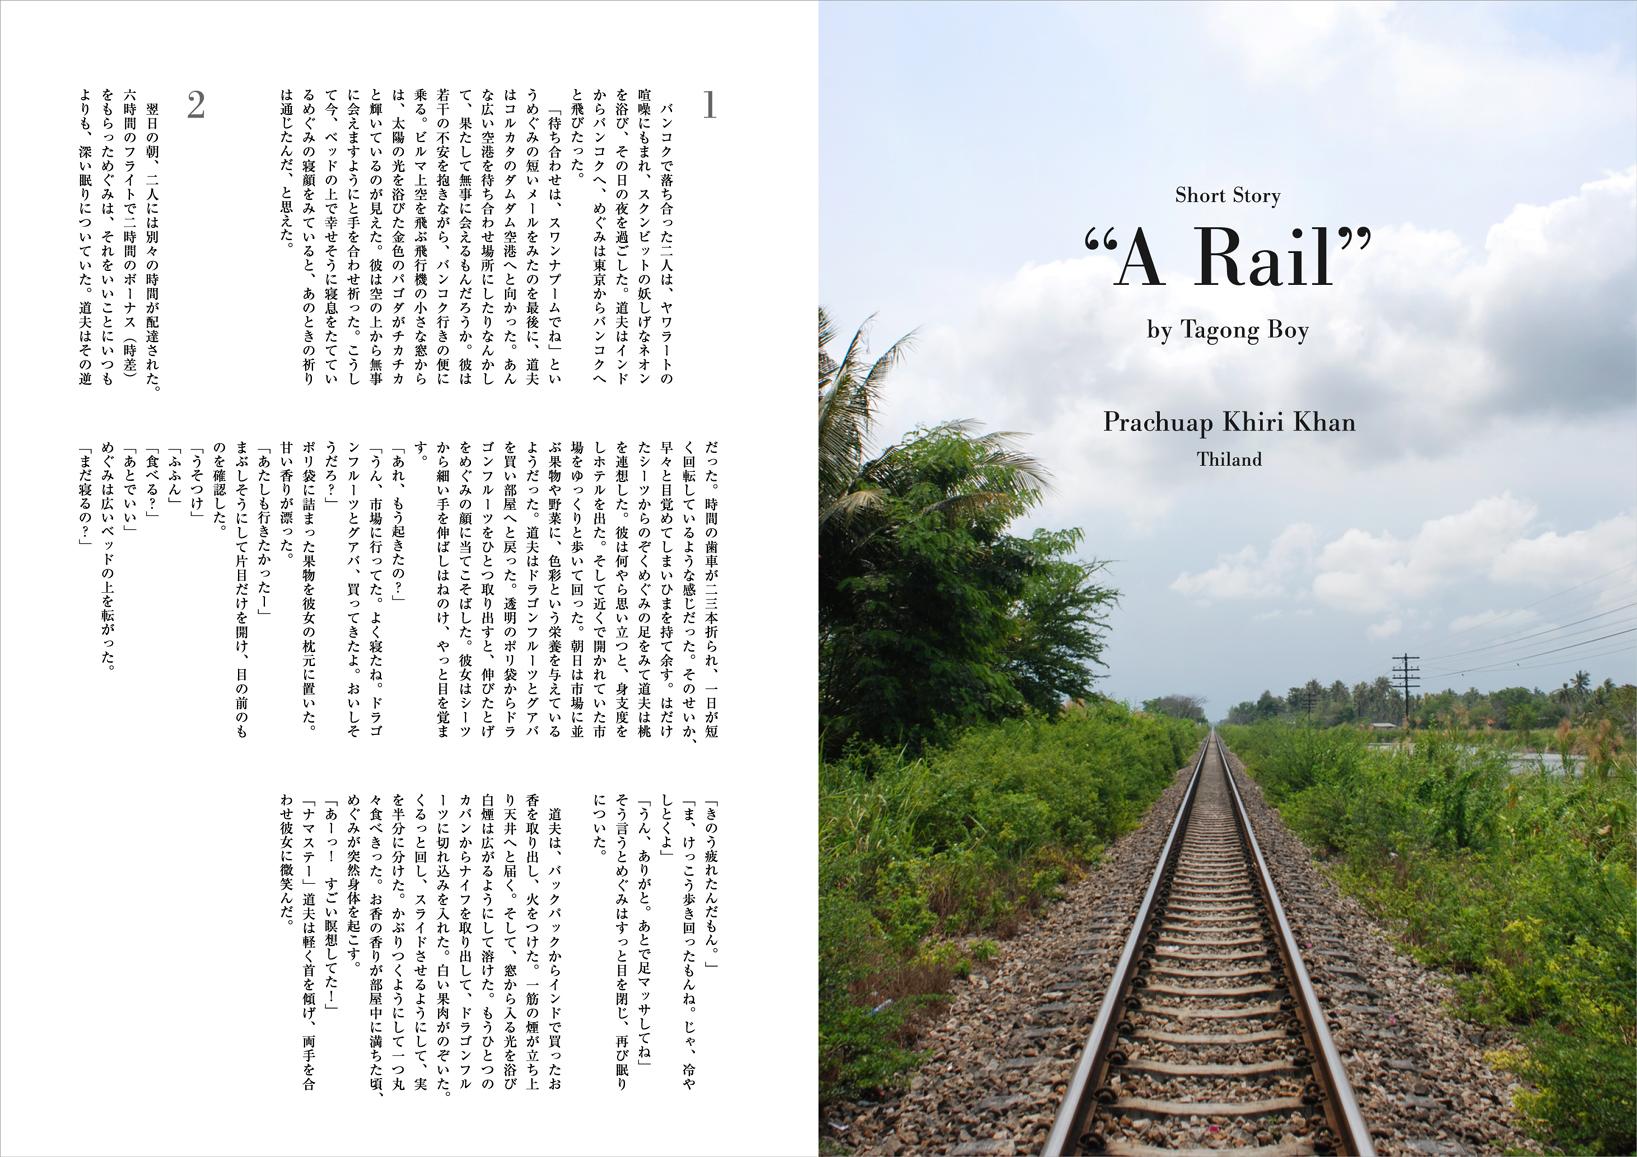 A-Rail-1.jpg